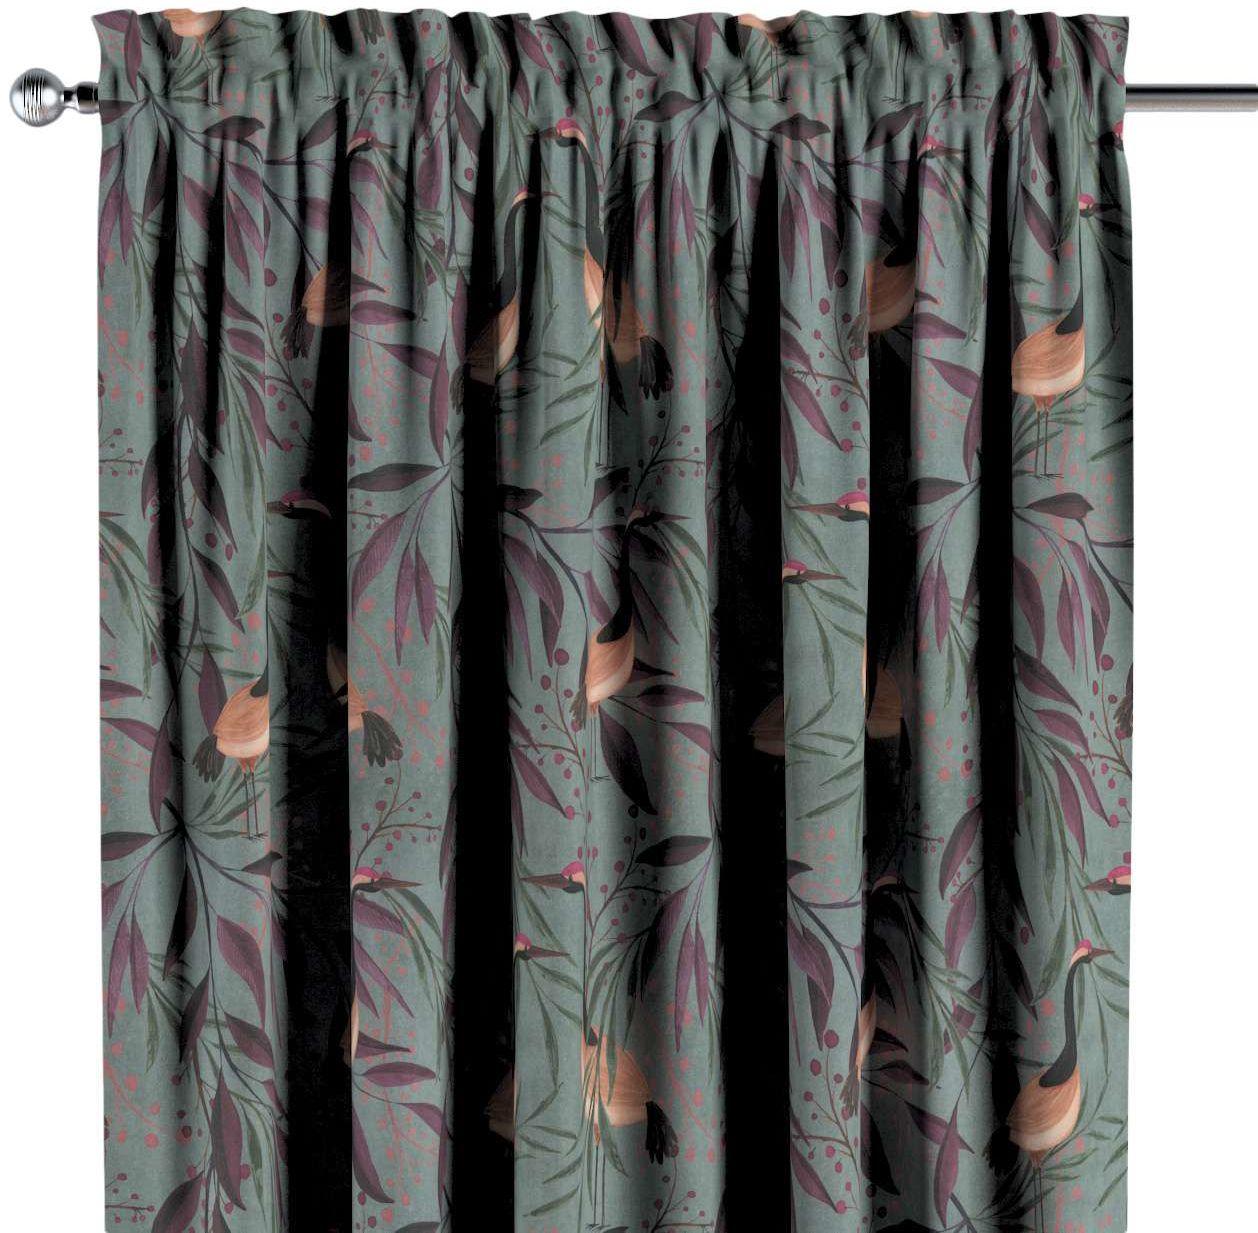 Zasłona na kanale z grzywką 1 szt., kolorowe czaple na szaro-zielonym tle, 1szt 130  260 cm, Abigail